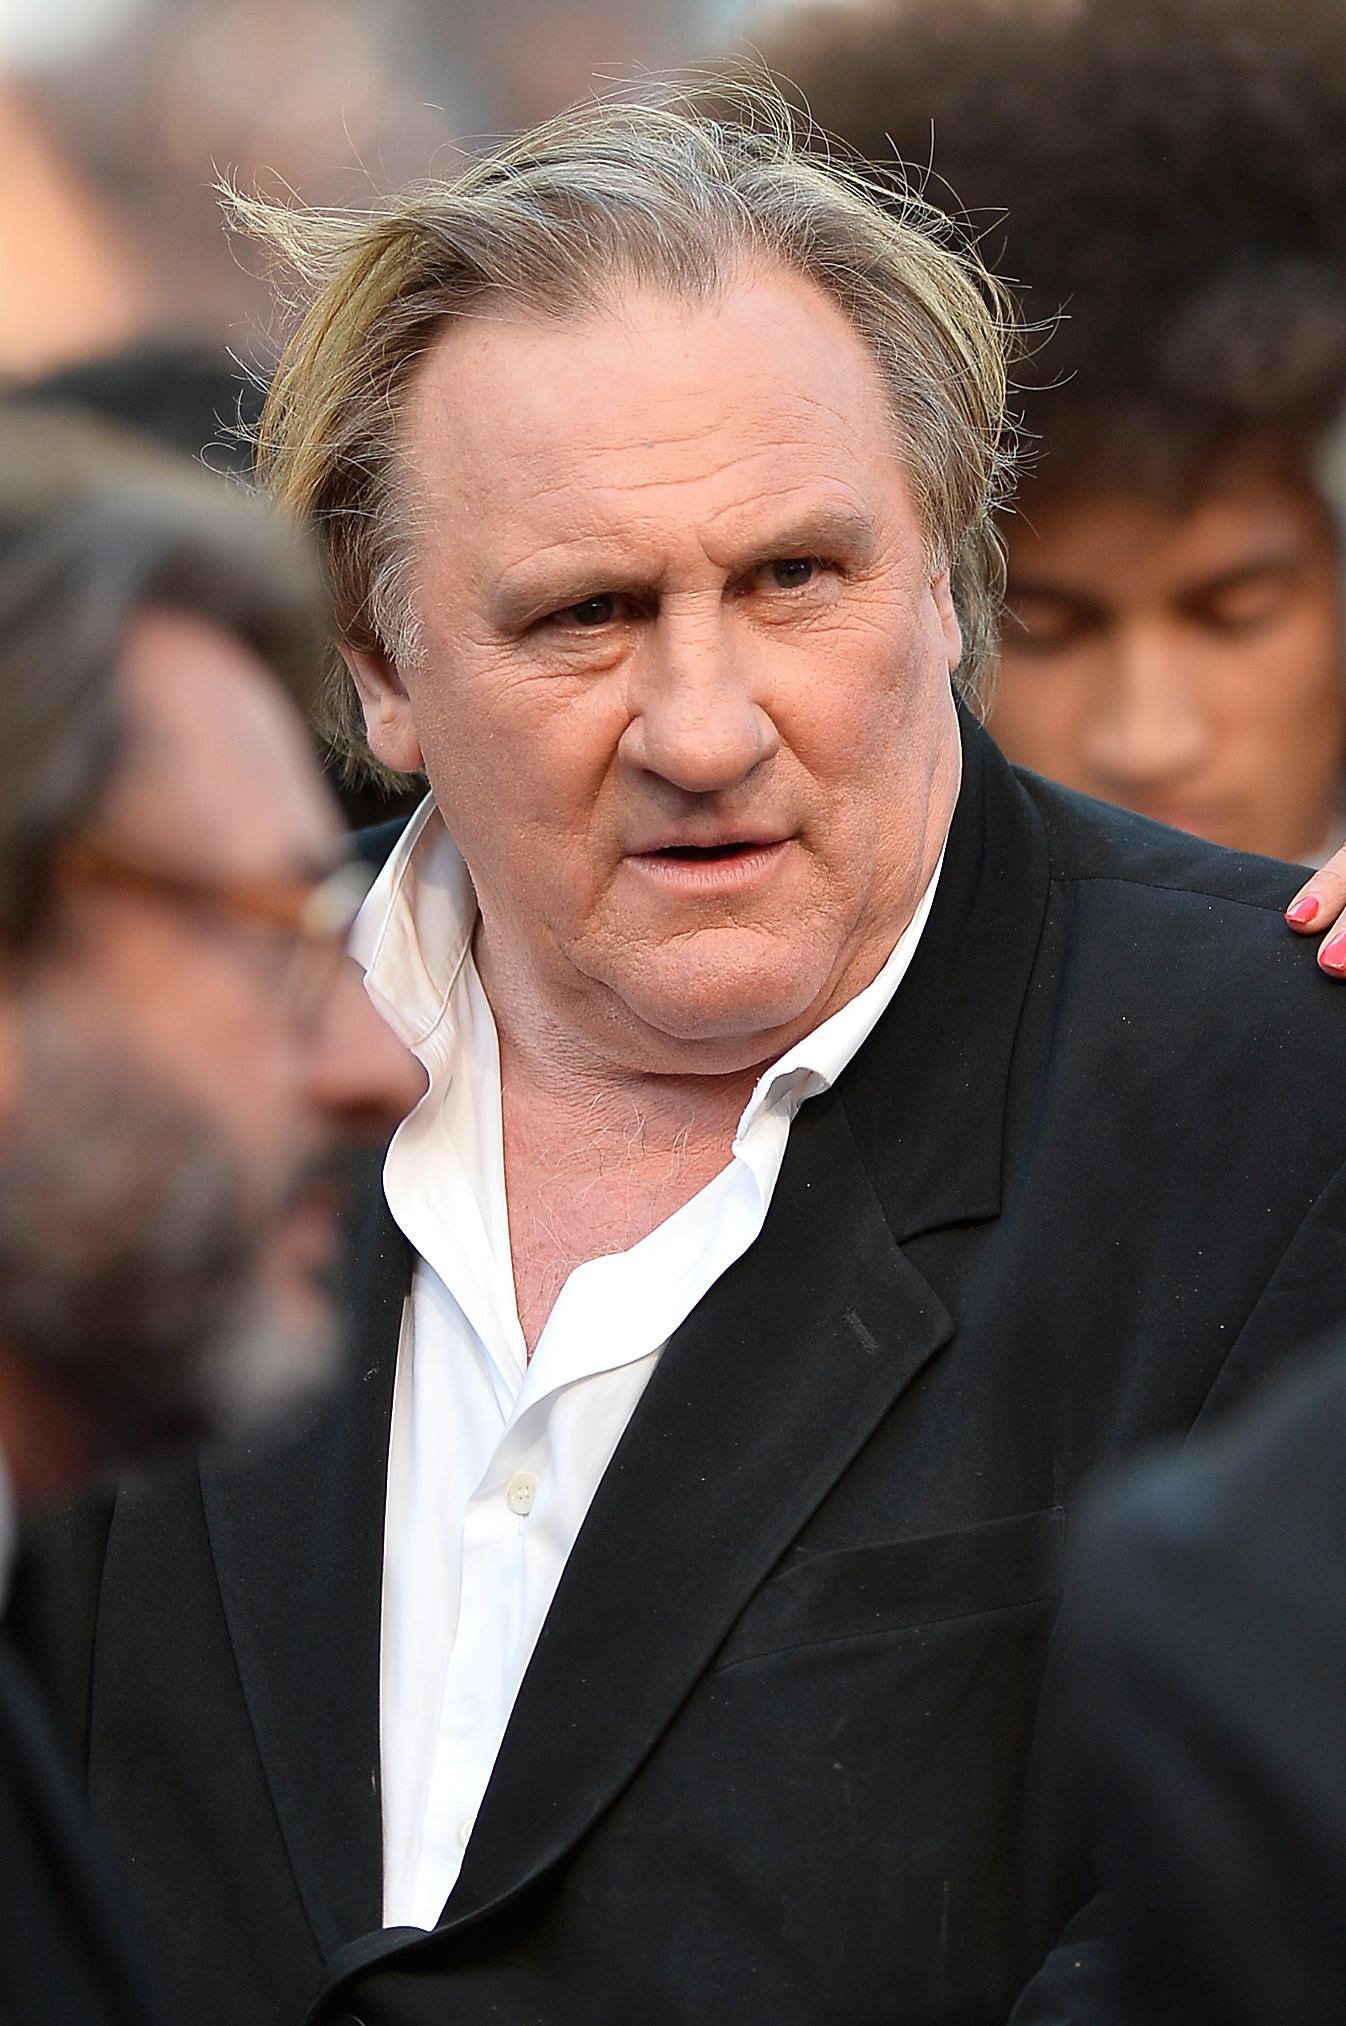 Актер, эмигрировавший в Россию, также признался, что не только занимался проституцией, но и обкрадывал своих клиентов